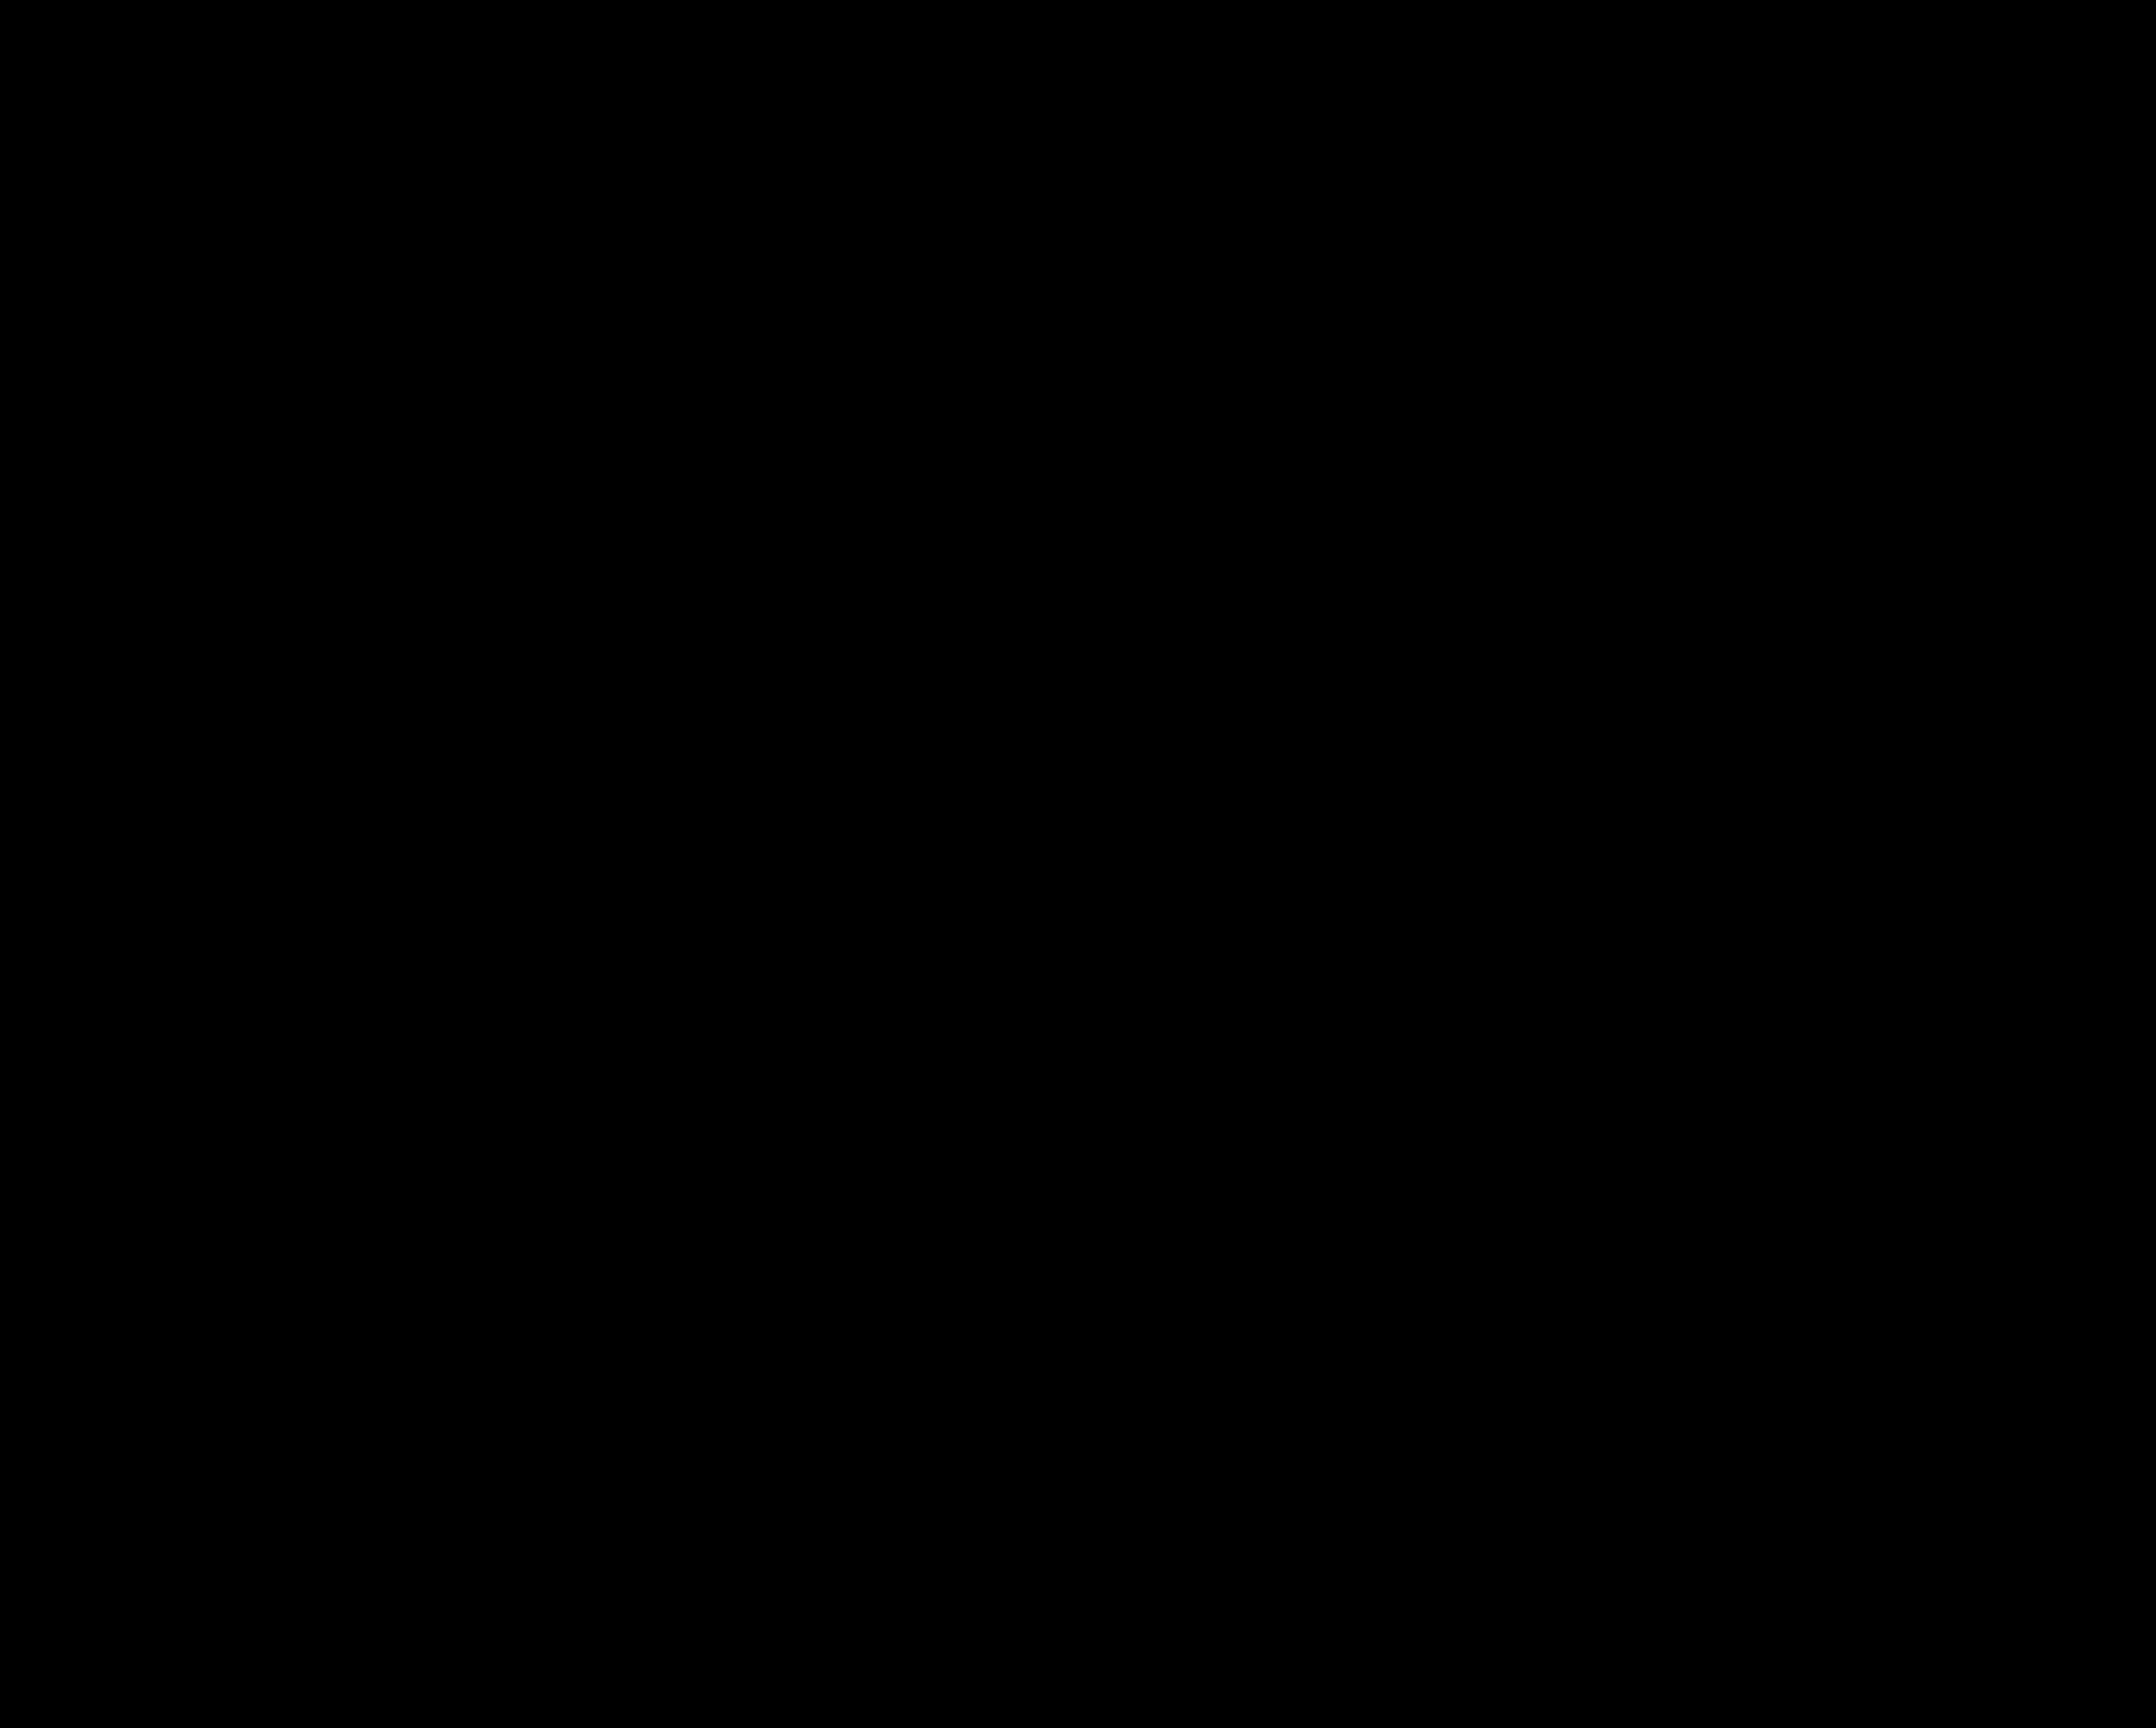 完美世界logo设计大赛图片